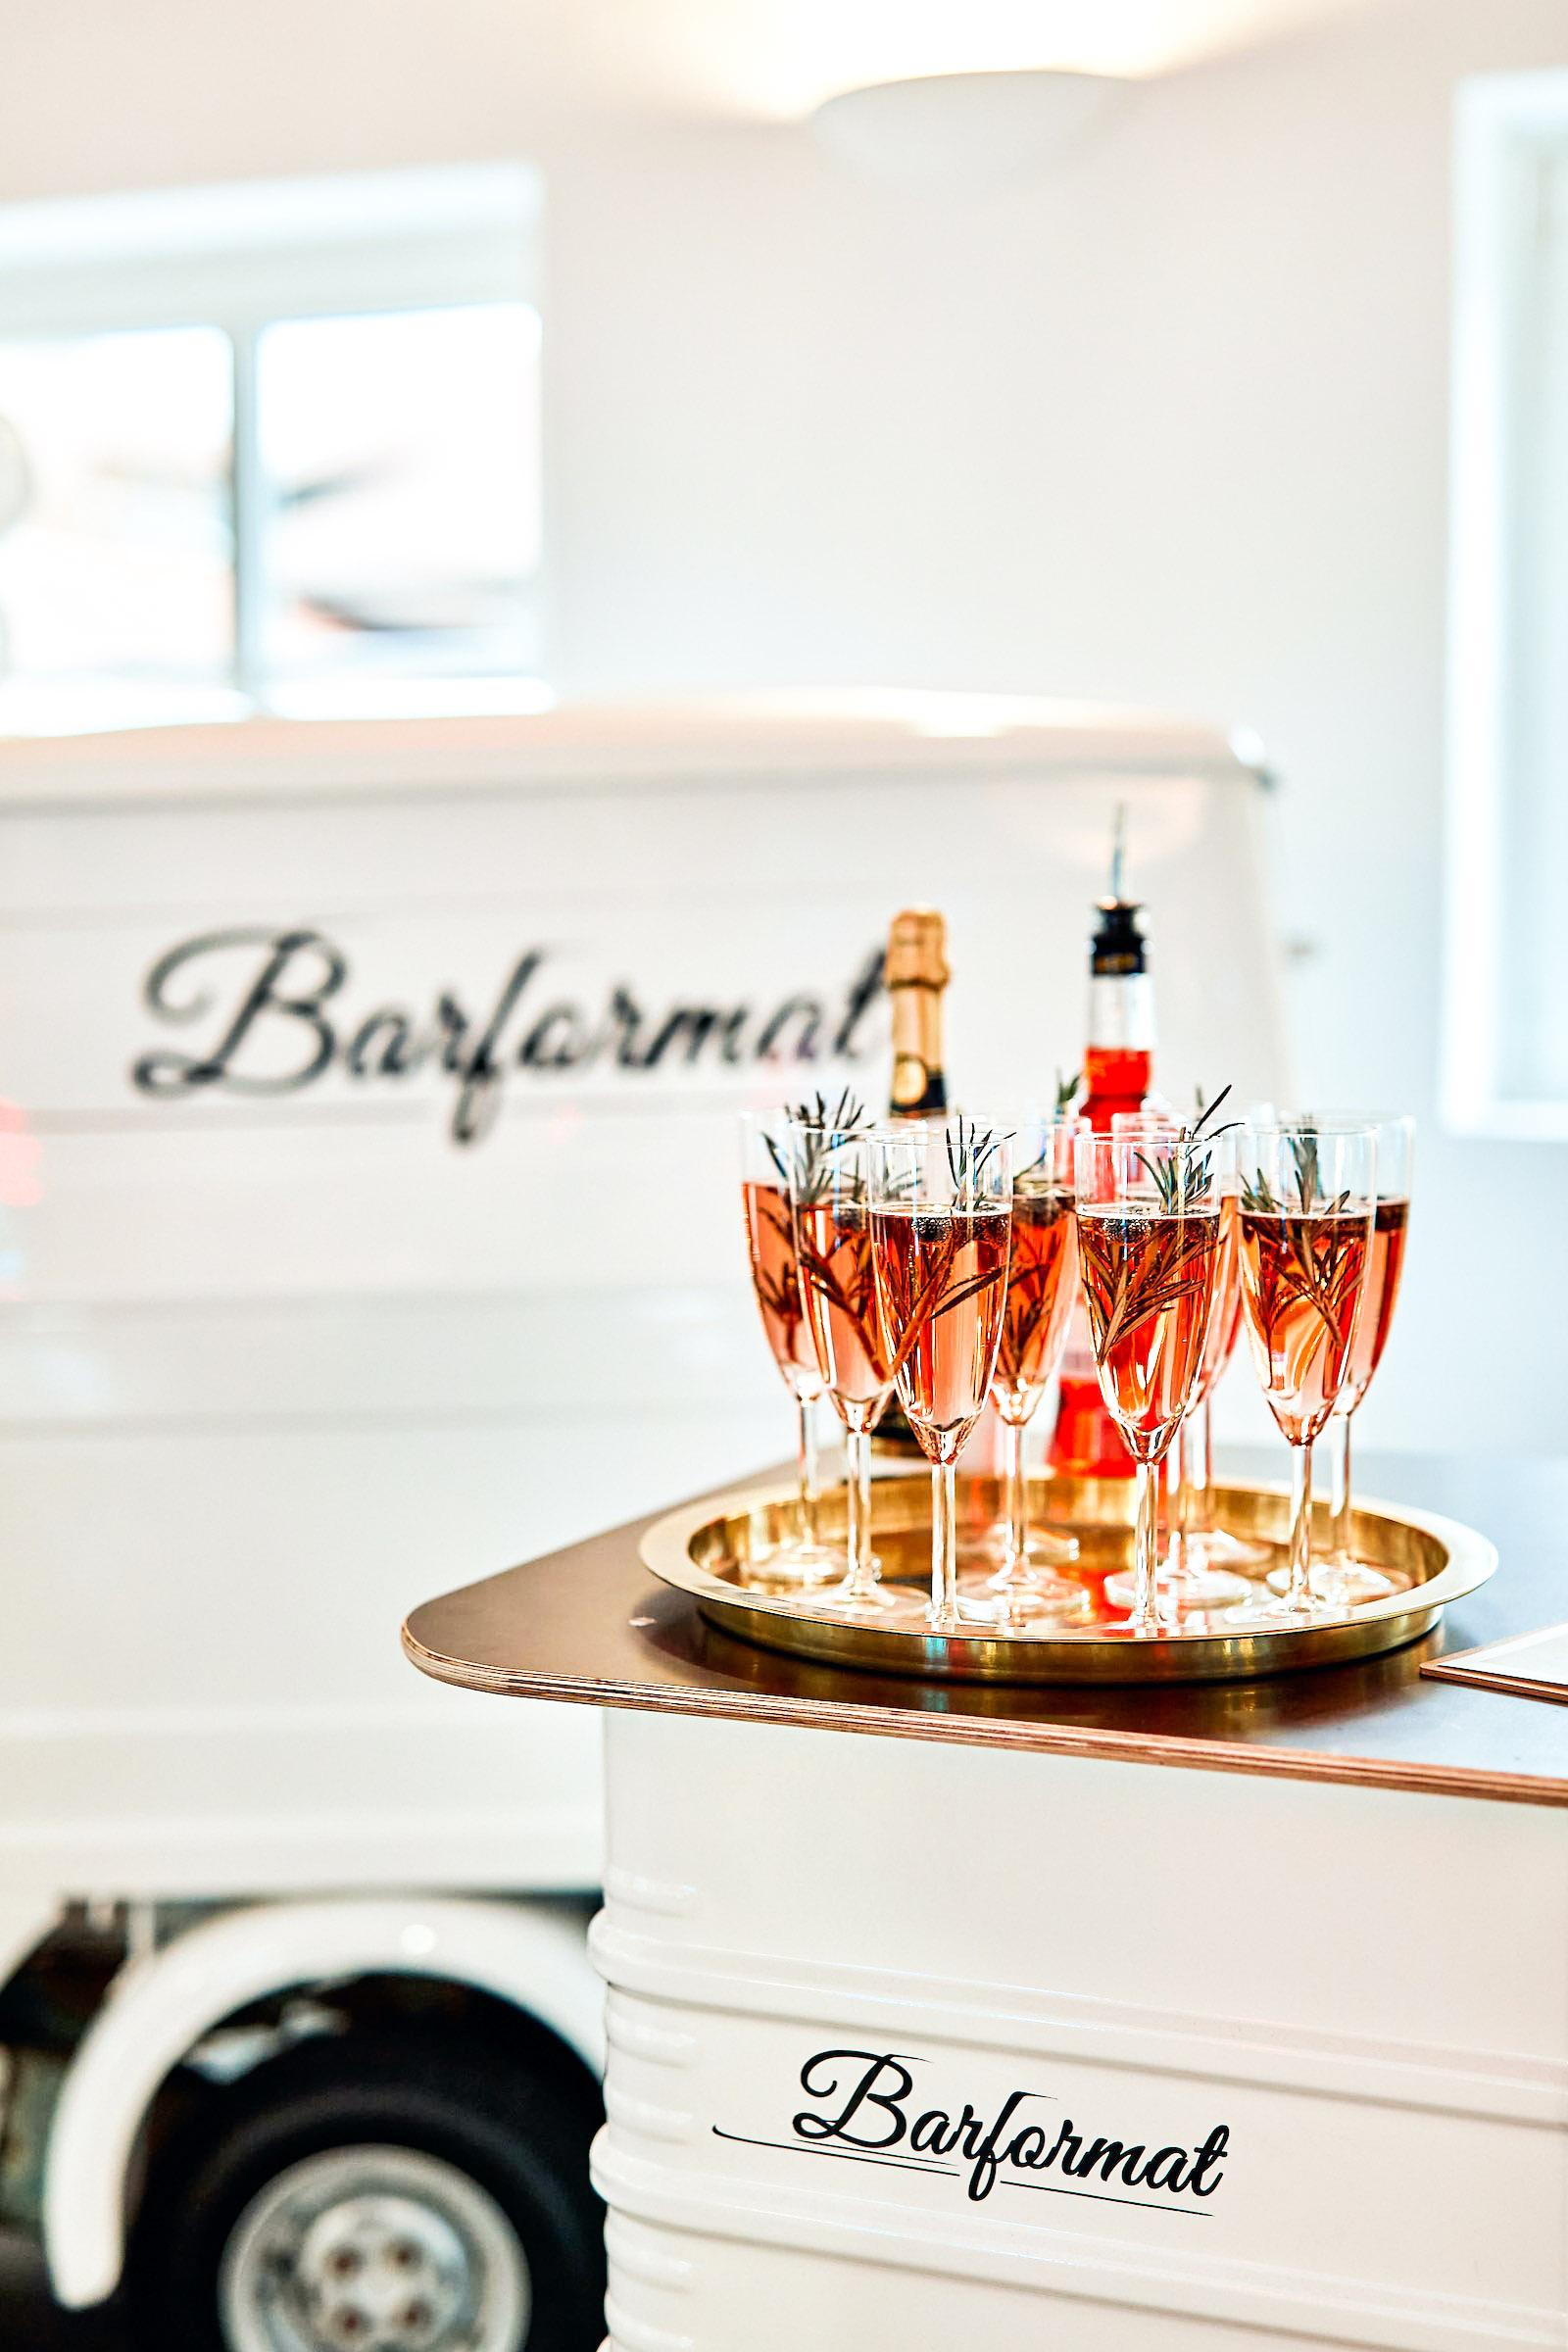 Mobile | Bar | Ape | Bulli | Cocktailservice | Getränke | Catering | Foodtruck | Sektbar | Sektempfang | Standesamt | Hochzeit | Barkeeper | Kellner | Hochzeit | Event | Mieten | Buchen | Barformat